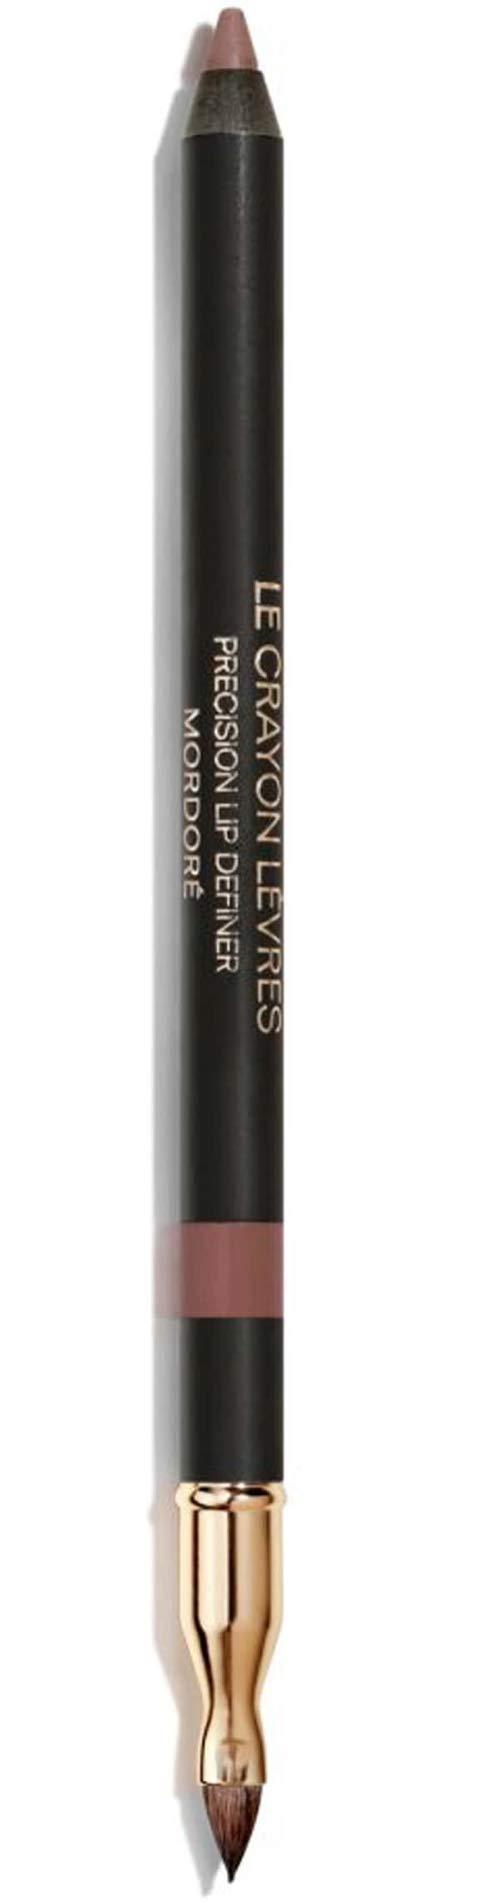 LE CRAYON LEVRES Precision Lip Definer Color: 05 Mordore Nude by chanel beauty (Image #1)